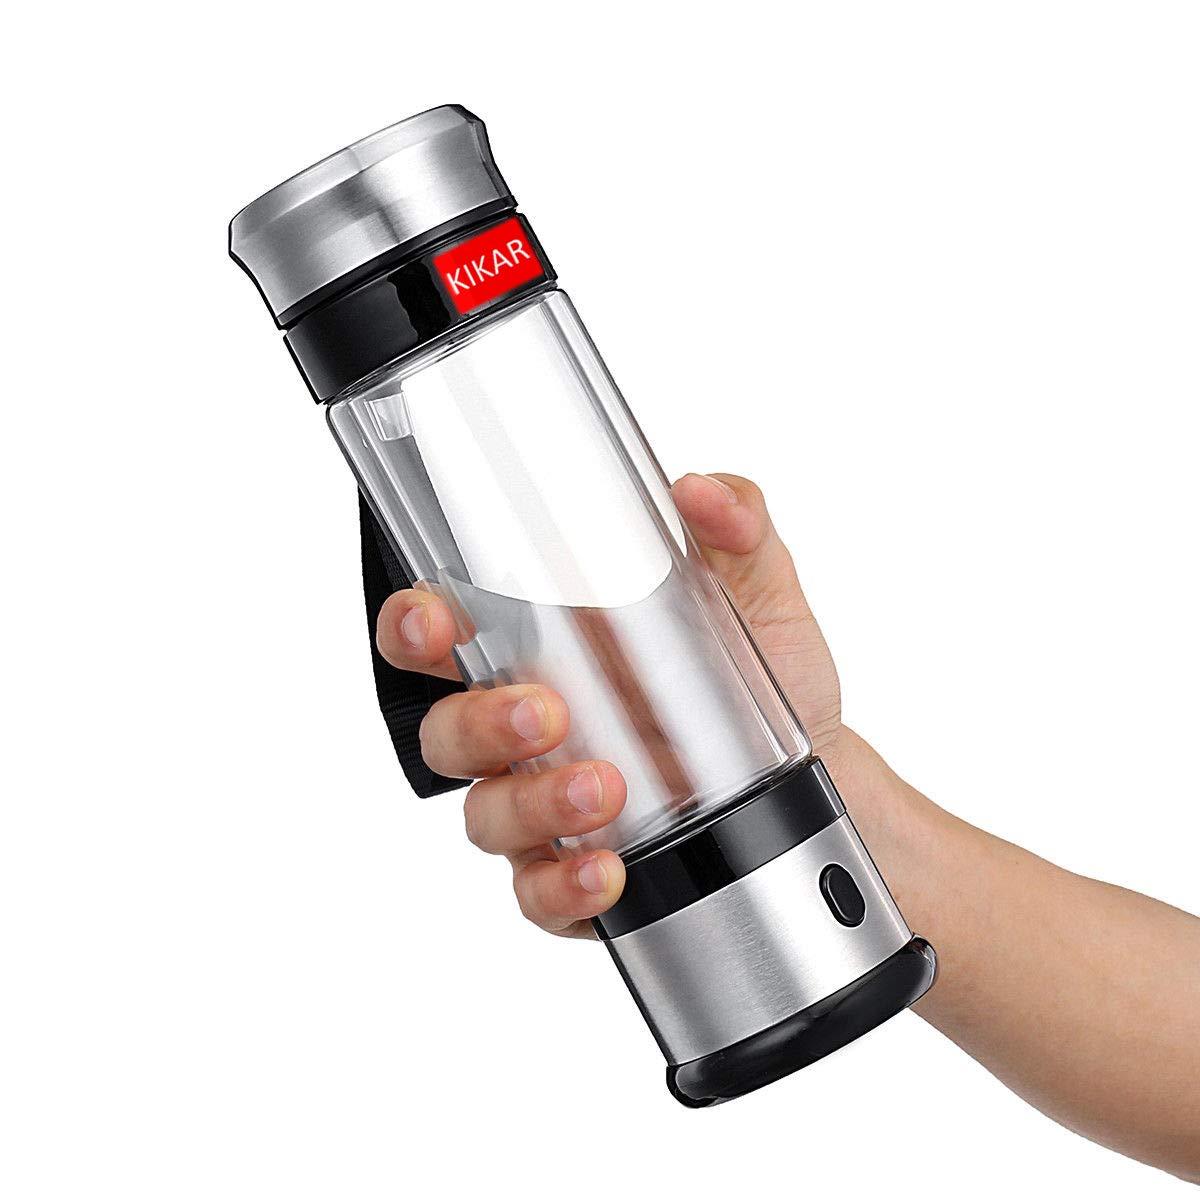 KIKAR 400ml Portable Ionized Water Generator Glass Bottle Anti Aging Antioxidant Hydrogen Water Maker